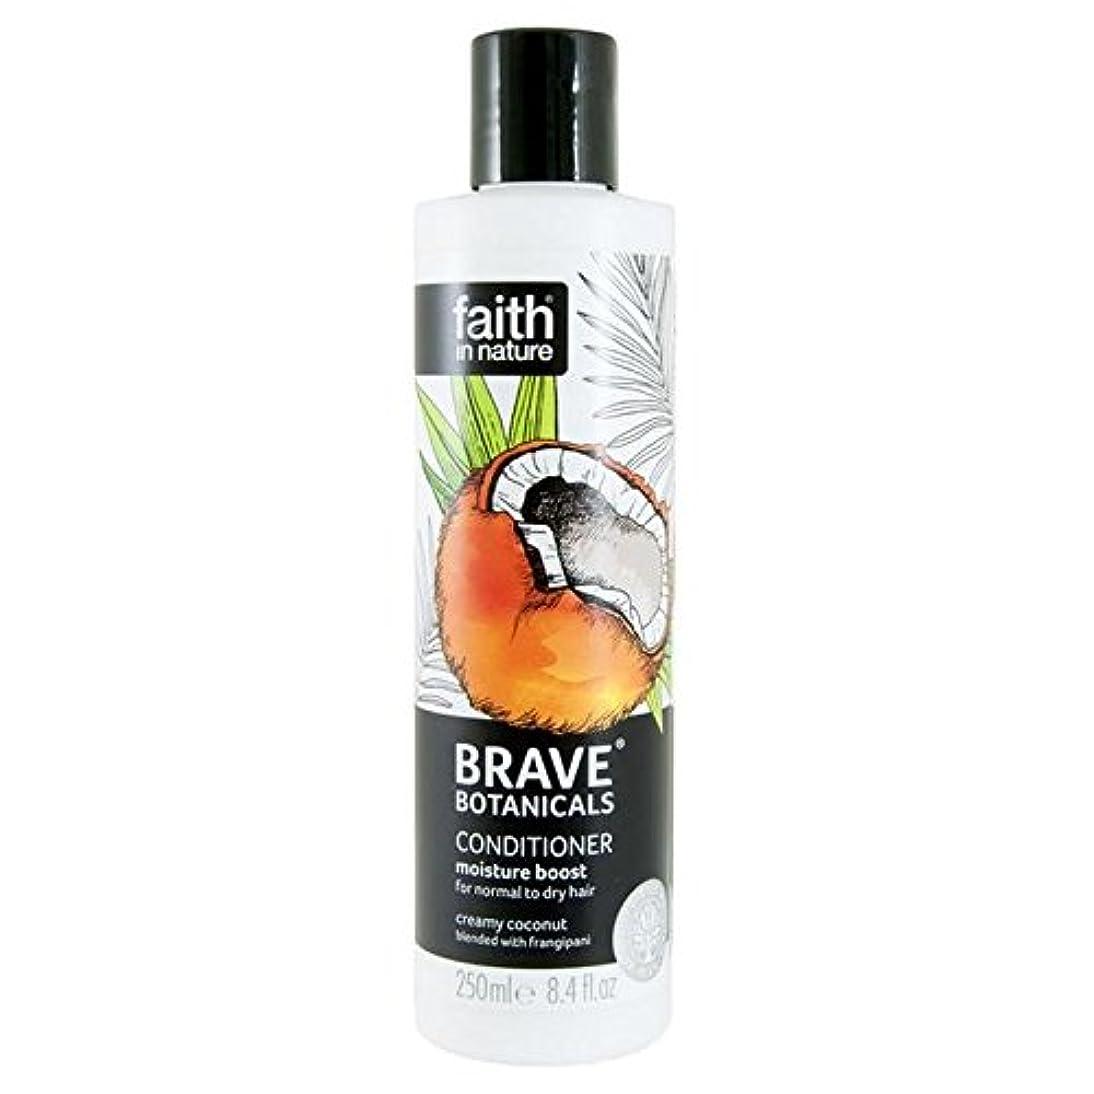 国家浜辺おんどりBrave Botanicals Coconut & Frangipani Moisture Boost Conditioner 250ml (Pack of 2) - (Faith In Nature) 勇敢な植物ココナッツ...